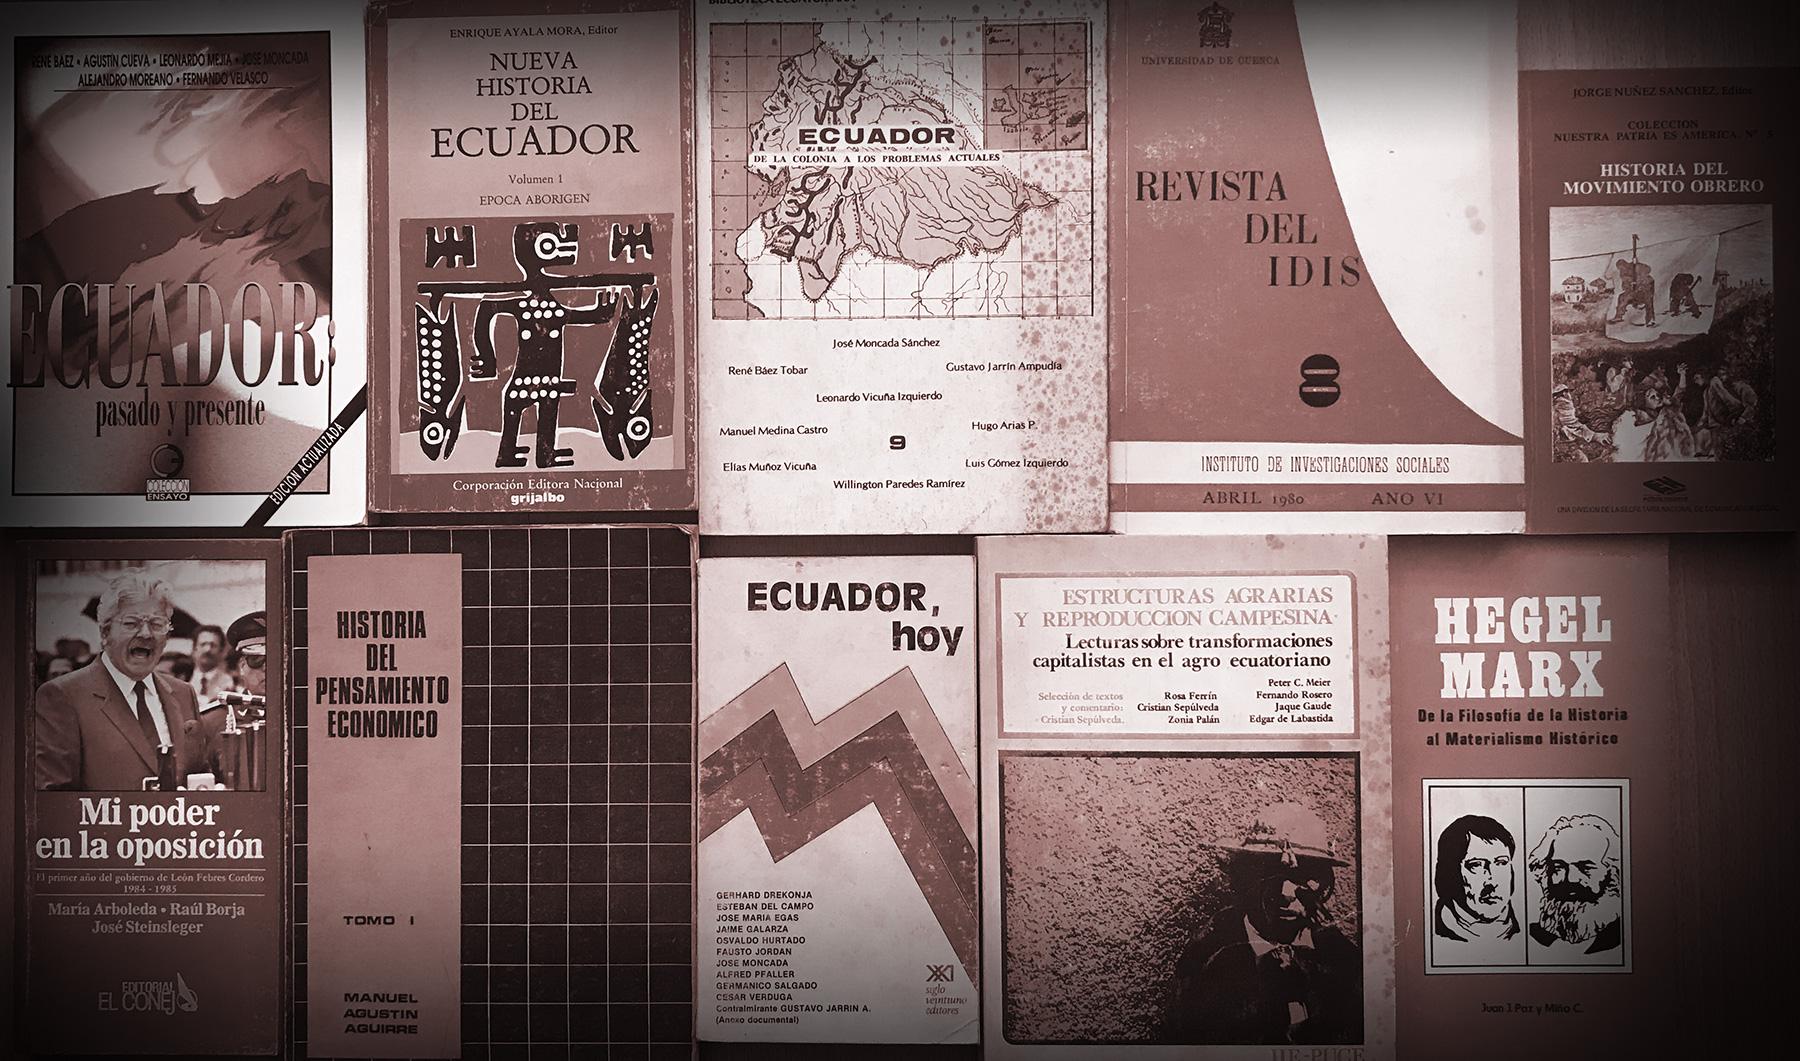 libros-librerias-ciencias-sociales